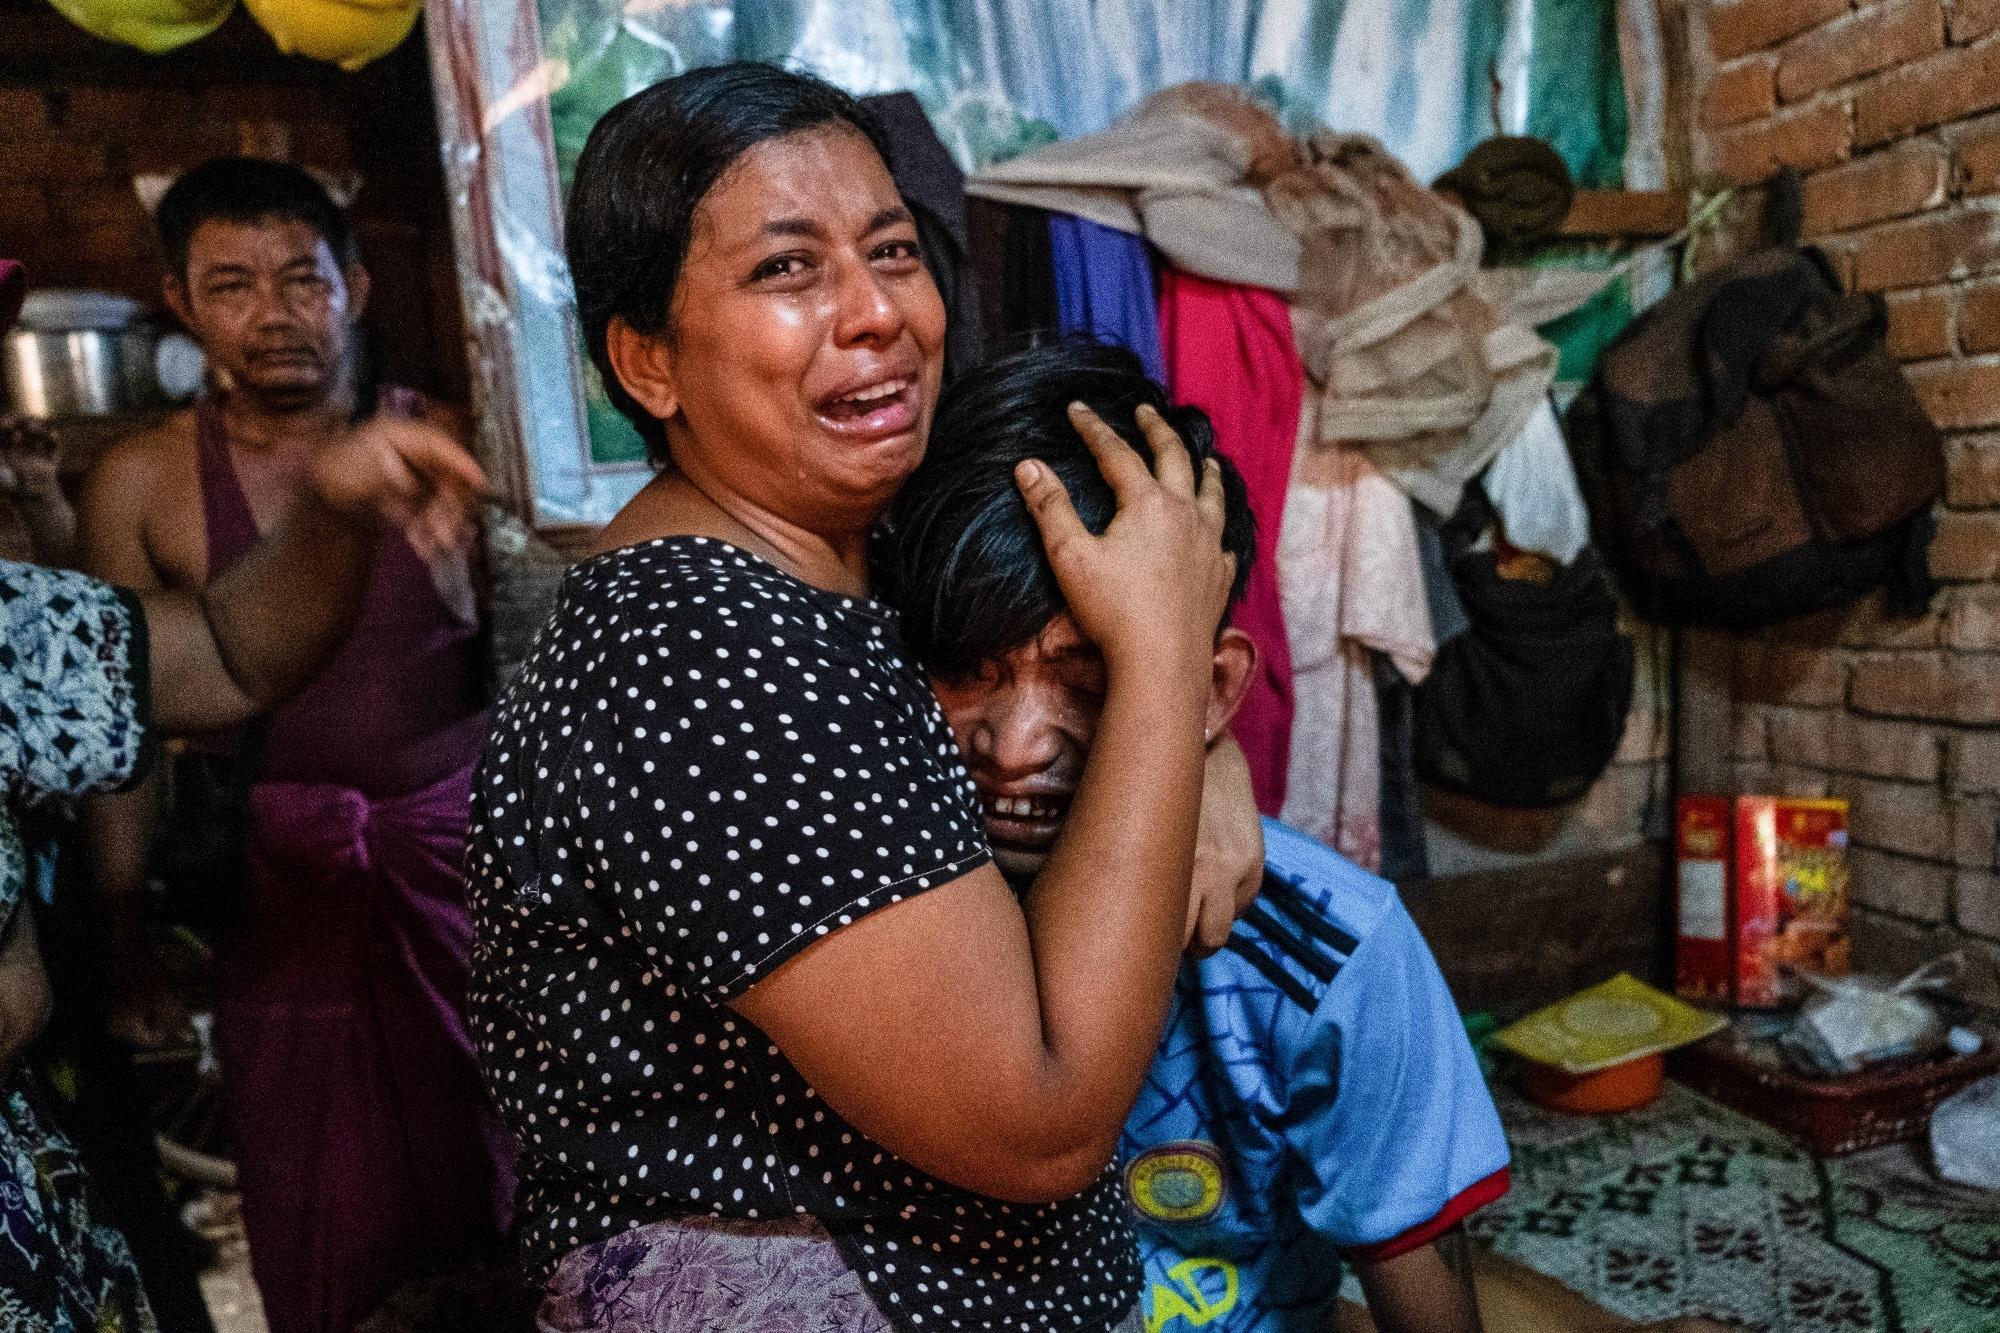 Rodina truchlí nad ztrátou příbuzného, který byl zastřelen při protestech v Rangúnu